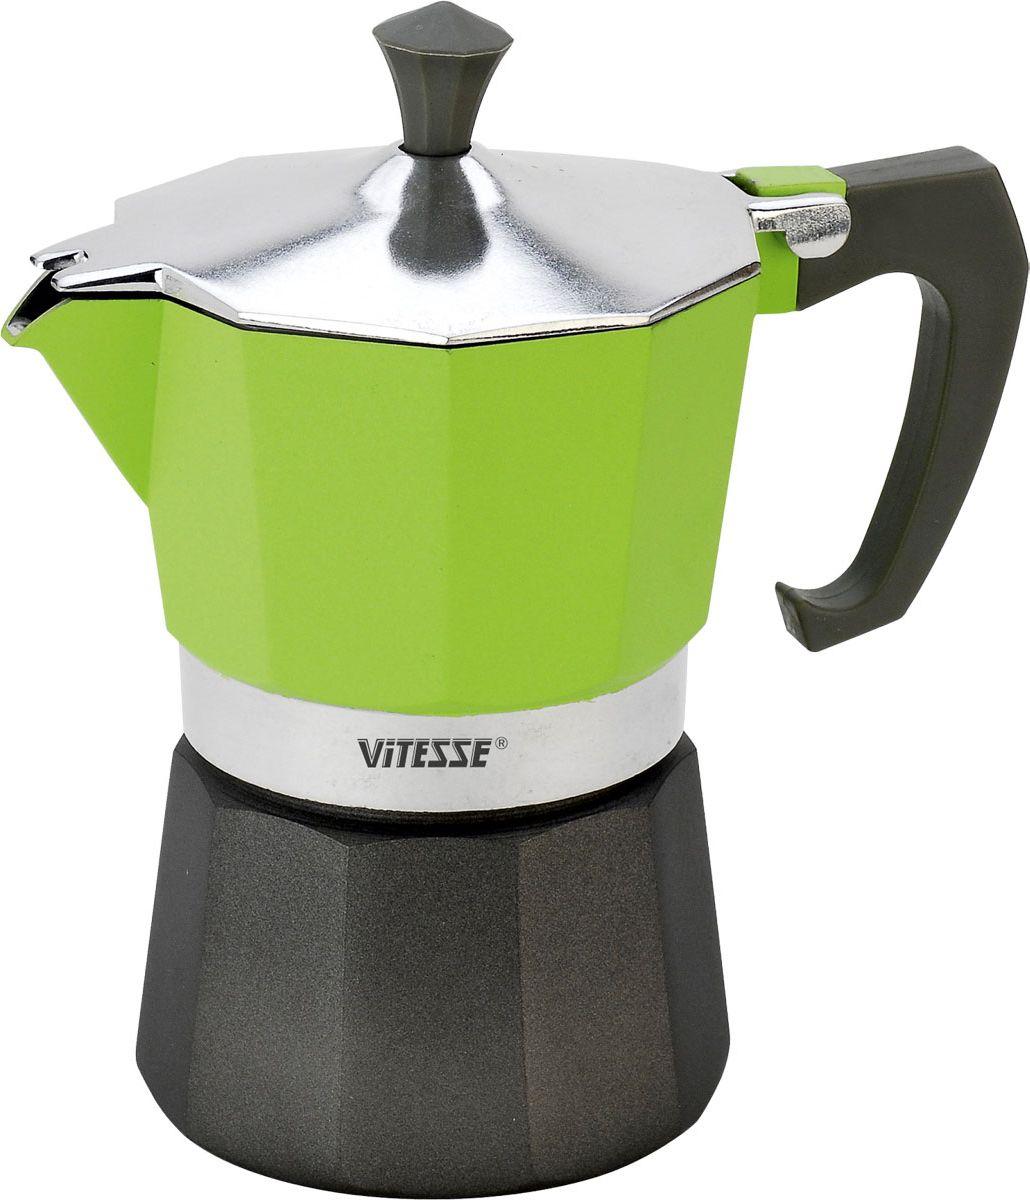 Кофеварка-эспрессо Vitesse на 3 чашки, цвет: зеленый54 009312Теперь и дома вы сможете насладиться великолепным эспрессо благодаря кофеварке Vitesse, которая позволит вам приготовить ароматный напиток на 3 персоны. Новый стильный дизайн компактной кофеварки станет ярким элементом интерьера вашего дома!Корпус кофеварки изготовлен из высококачественного алюминия, ручка - жаропрочная бакелитовая. Кофеварка состоит из двух соединенных между собой емкостей. В нижнюю емкость наливается вода, в эту же емкость устанавливается фильтр-сифон, в который засыпается кофе. К нижней емкости прикручивается верхняя емкость, после чего кофеварка ставится на электроплитку, и через несколько минут кофе начинает брызгать в верхний контейнер и осаждаться. Кофе получается крепкий и насыщенный.Инструкция по эксплуатации кофеварки прилагается. Можно мыть в посудомоечной машине. Характеристики:Материал:высококачественный алюминий, пластик. Высота кофеварки:15,5 см. Диаметр кофеварки по верхнему краю:8,5 см. Диаметр основания:9 см.Рабочий объем: 105 мл.Размер упаковки:16,5 см х 13,5 см х 10 см.Изготовитель:Китай. Артикул:VS-2604. Посуда Vitesse обладает выдающимися функциональными свойствами. Легкие в уходе кастрюли и сковородки имеют плотно закрывающиеся крышки, которые дают возможность готовить с малым количеством воды и экономией энергии, и идеально подходят для всех видов плит: газовых, электрических, стеклокерамических и индукционных. Конструкция дна посуды гарантирует быстрое поглощение тепла, его равномерное распределение и сохранение. Великолепно отполированная поверхность, а также многочисленные конструктивные новшества, заложенные во все изделия Vitesse, позволит Вам открыть новые горизонты приготовления уже знакомых блюд. Для производства посуды Vitesseиспользуются только высококачественные материалы, которые соответствуют международным стандартам.